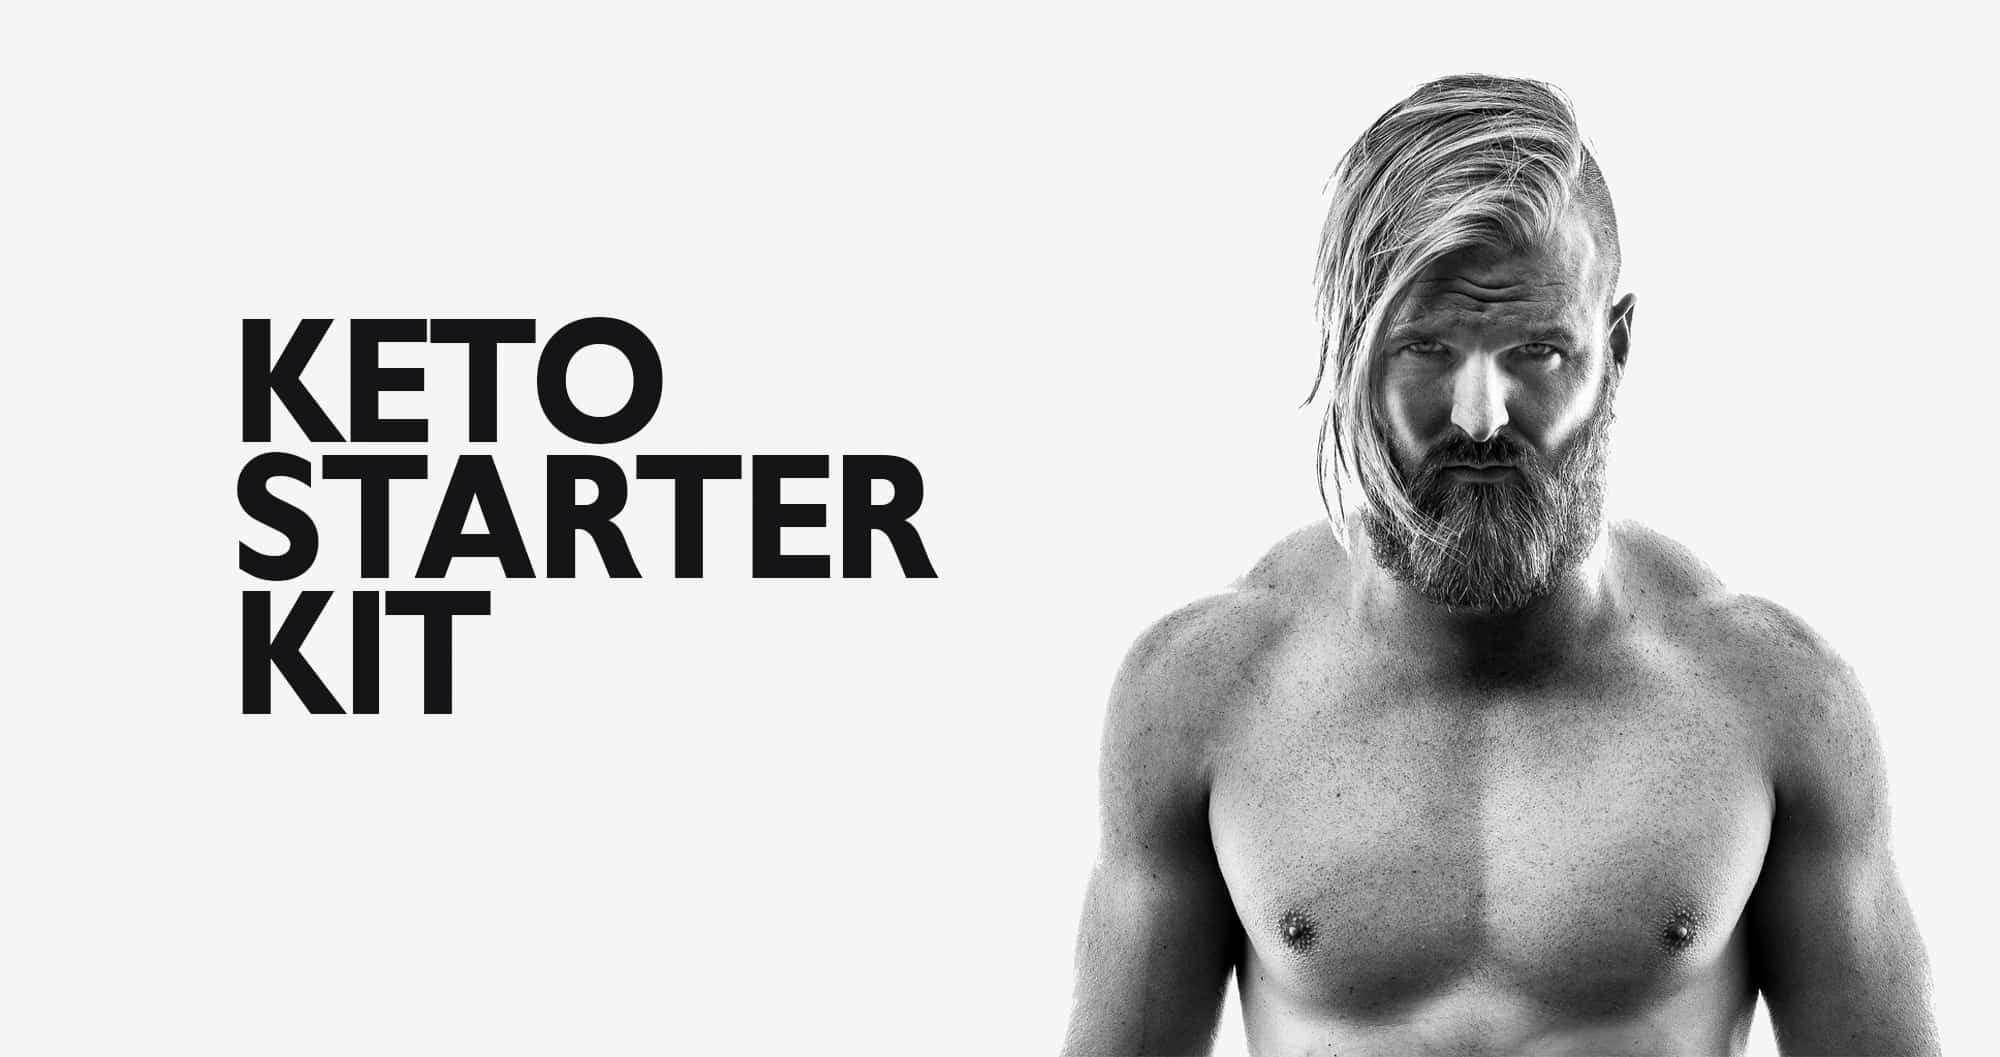 The Ultimate Keto Starter Kit: Ketogenic Diet Starter Guide